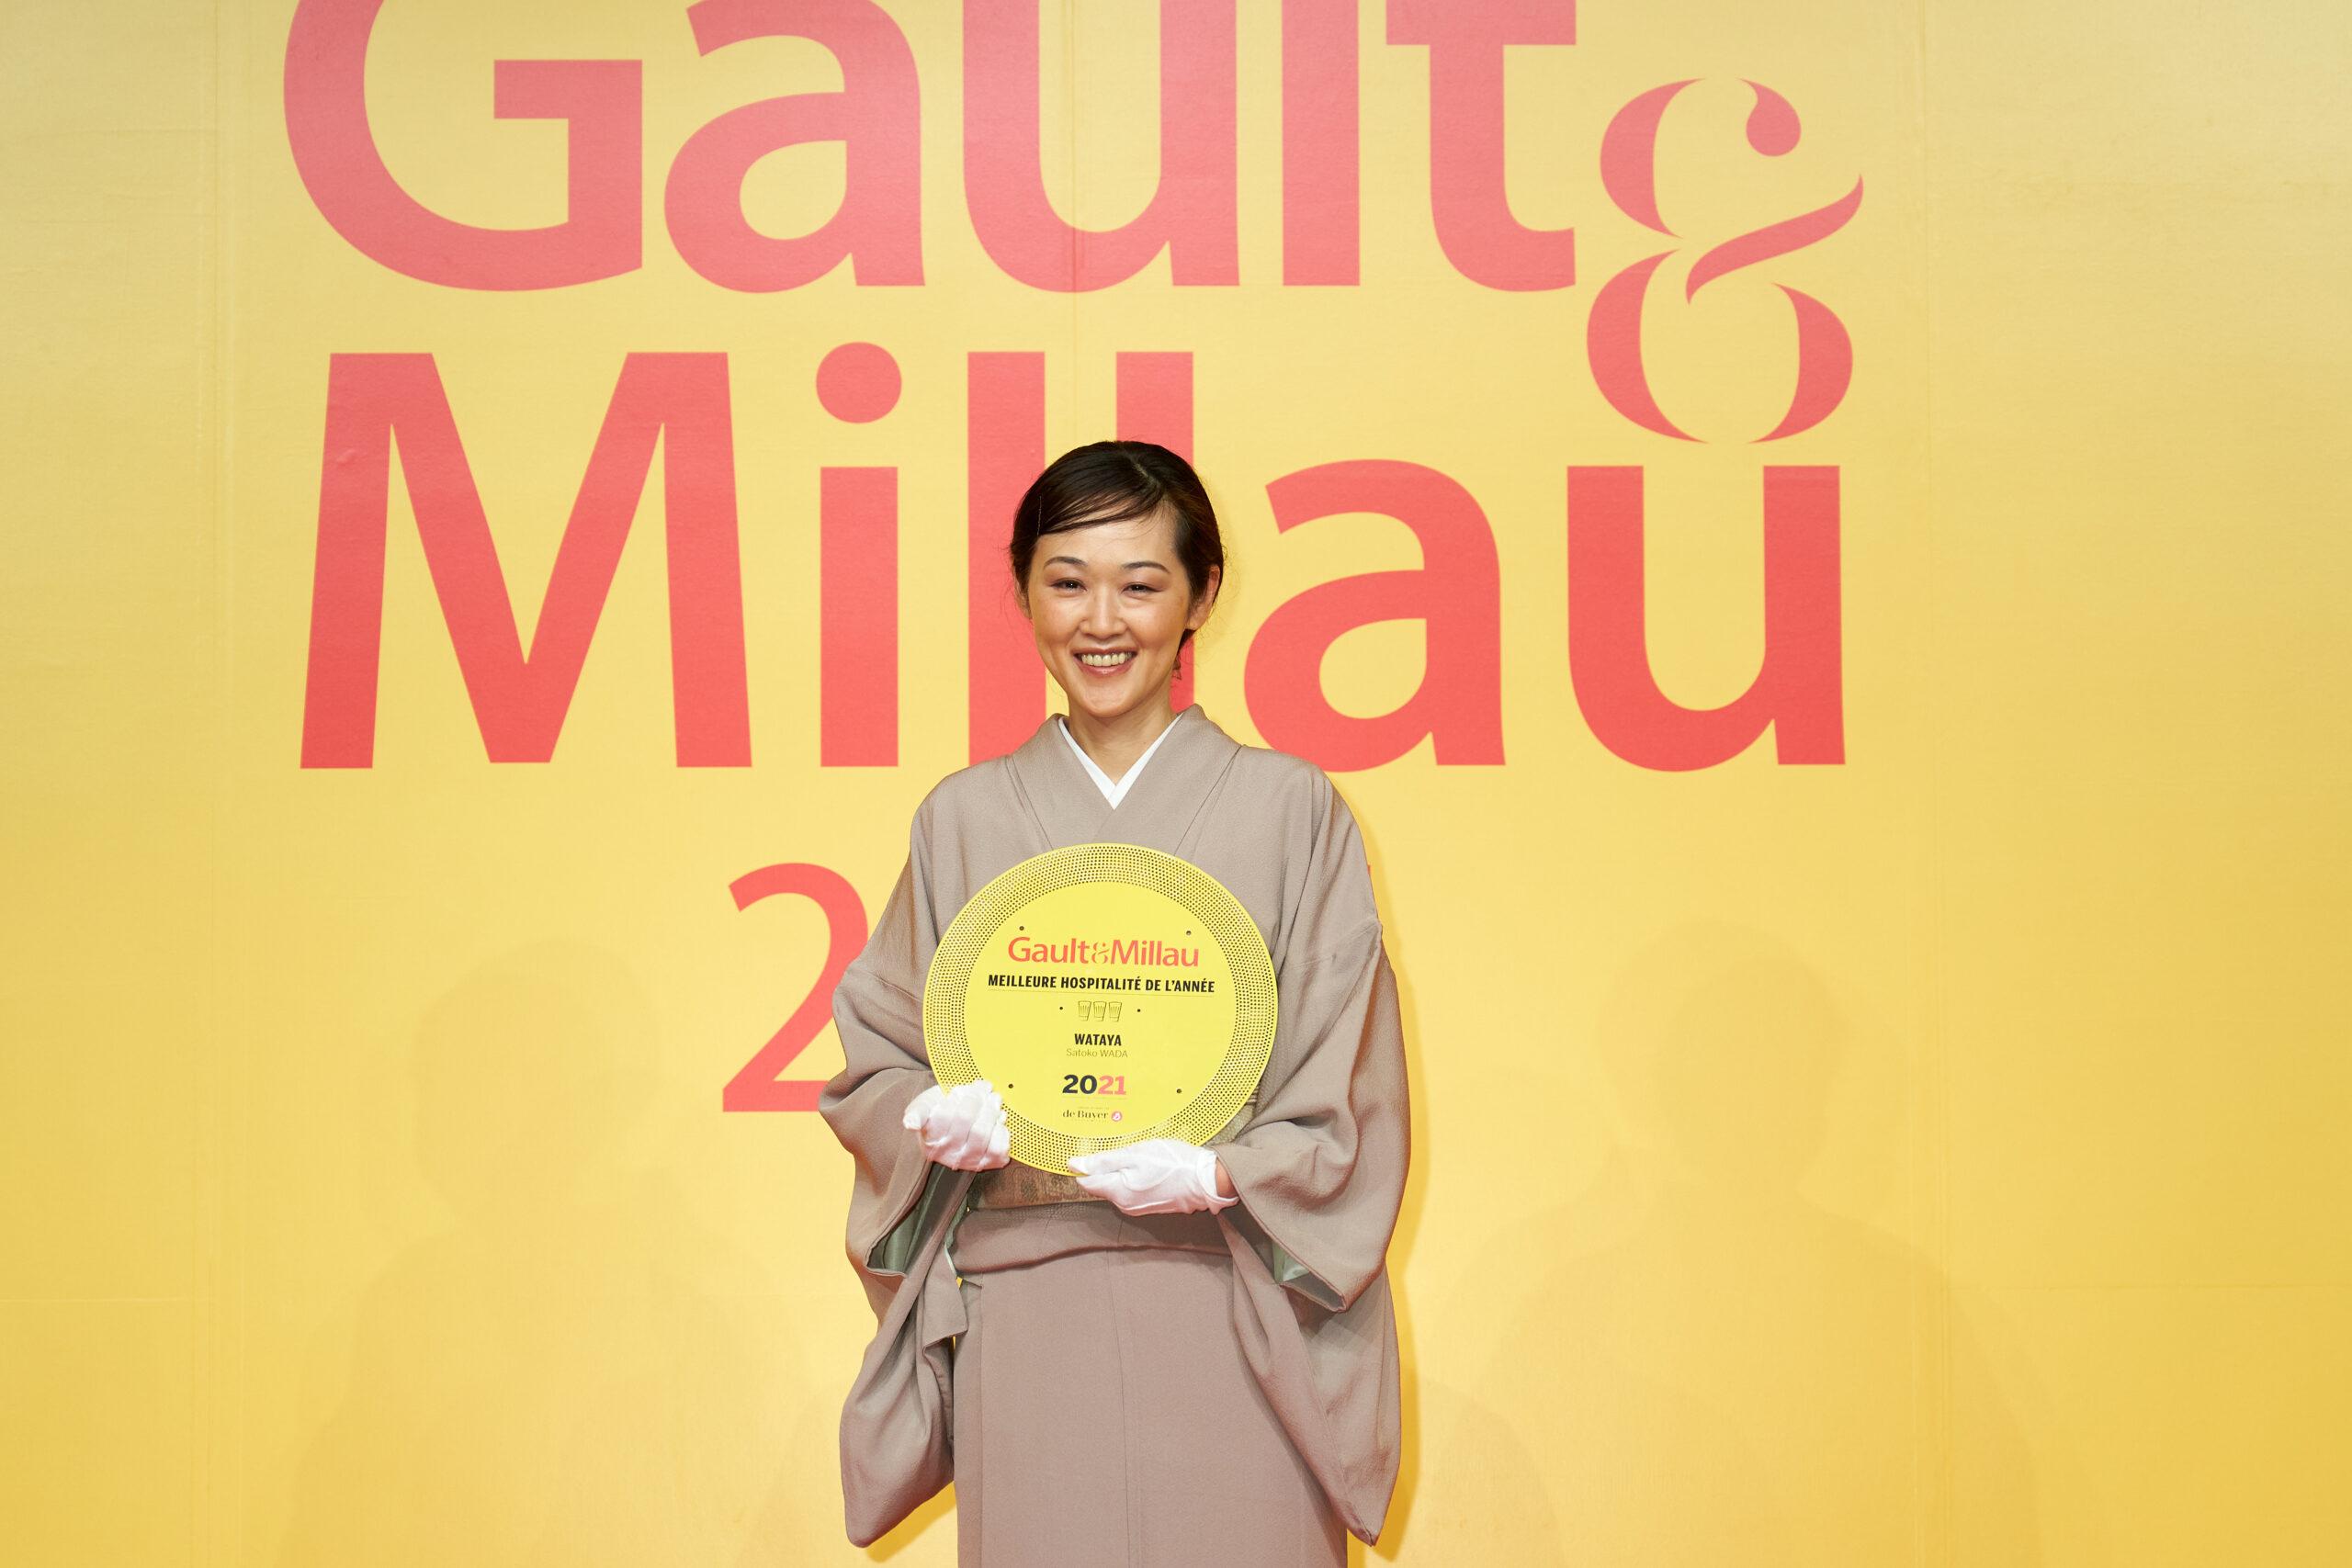 和田智子氏の受賞写真